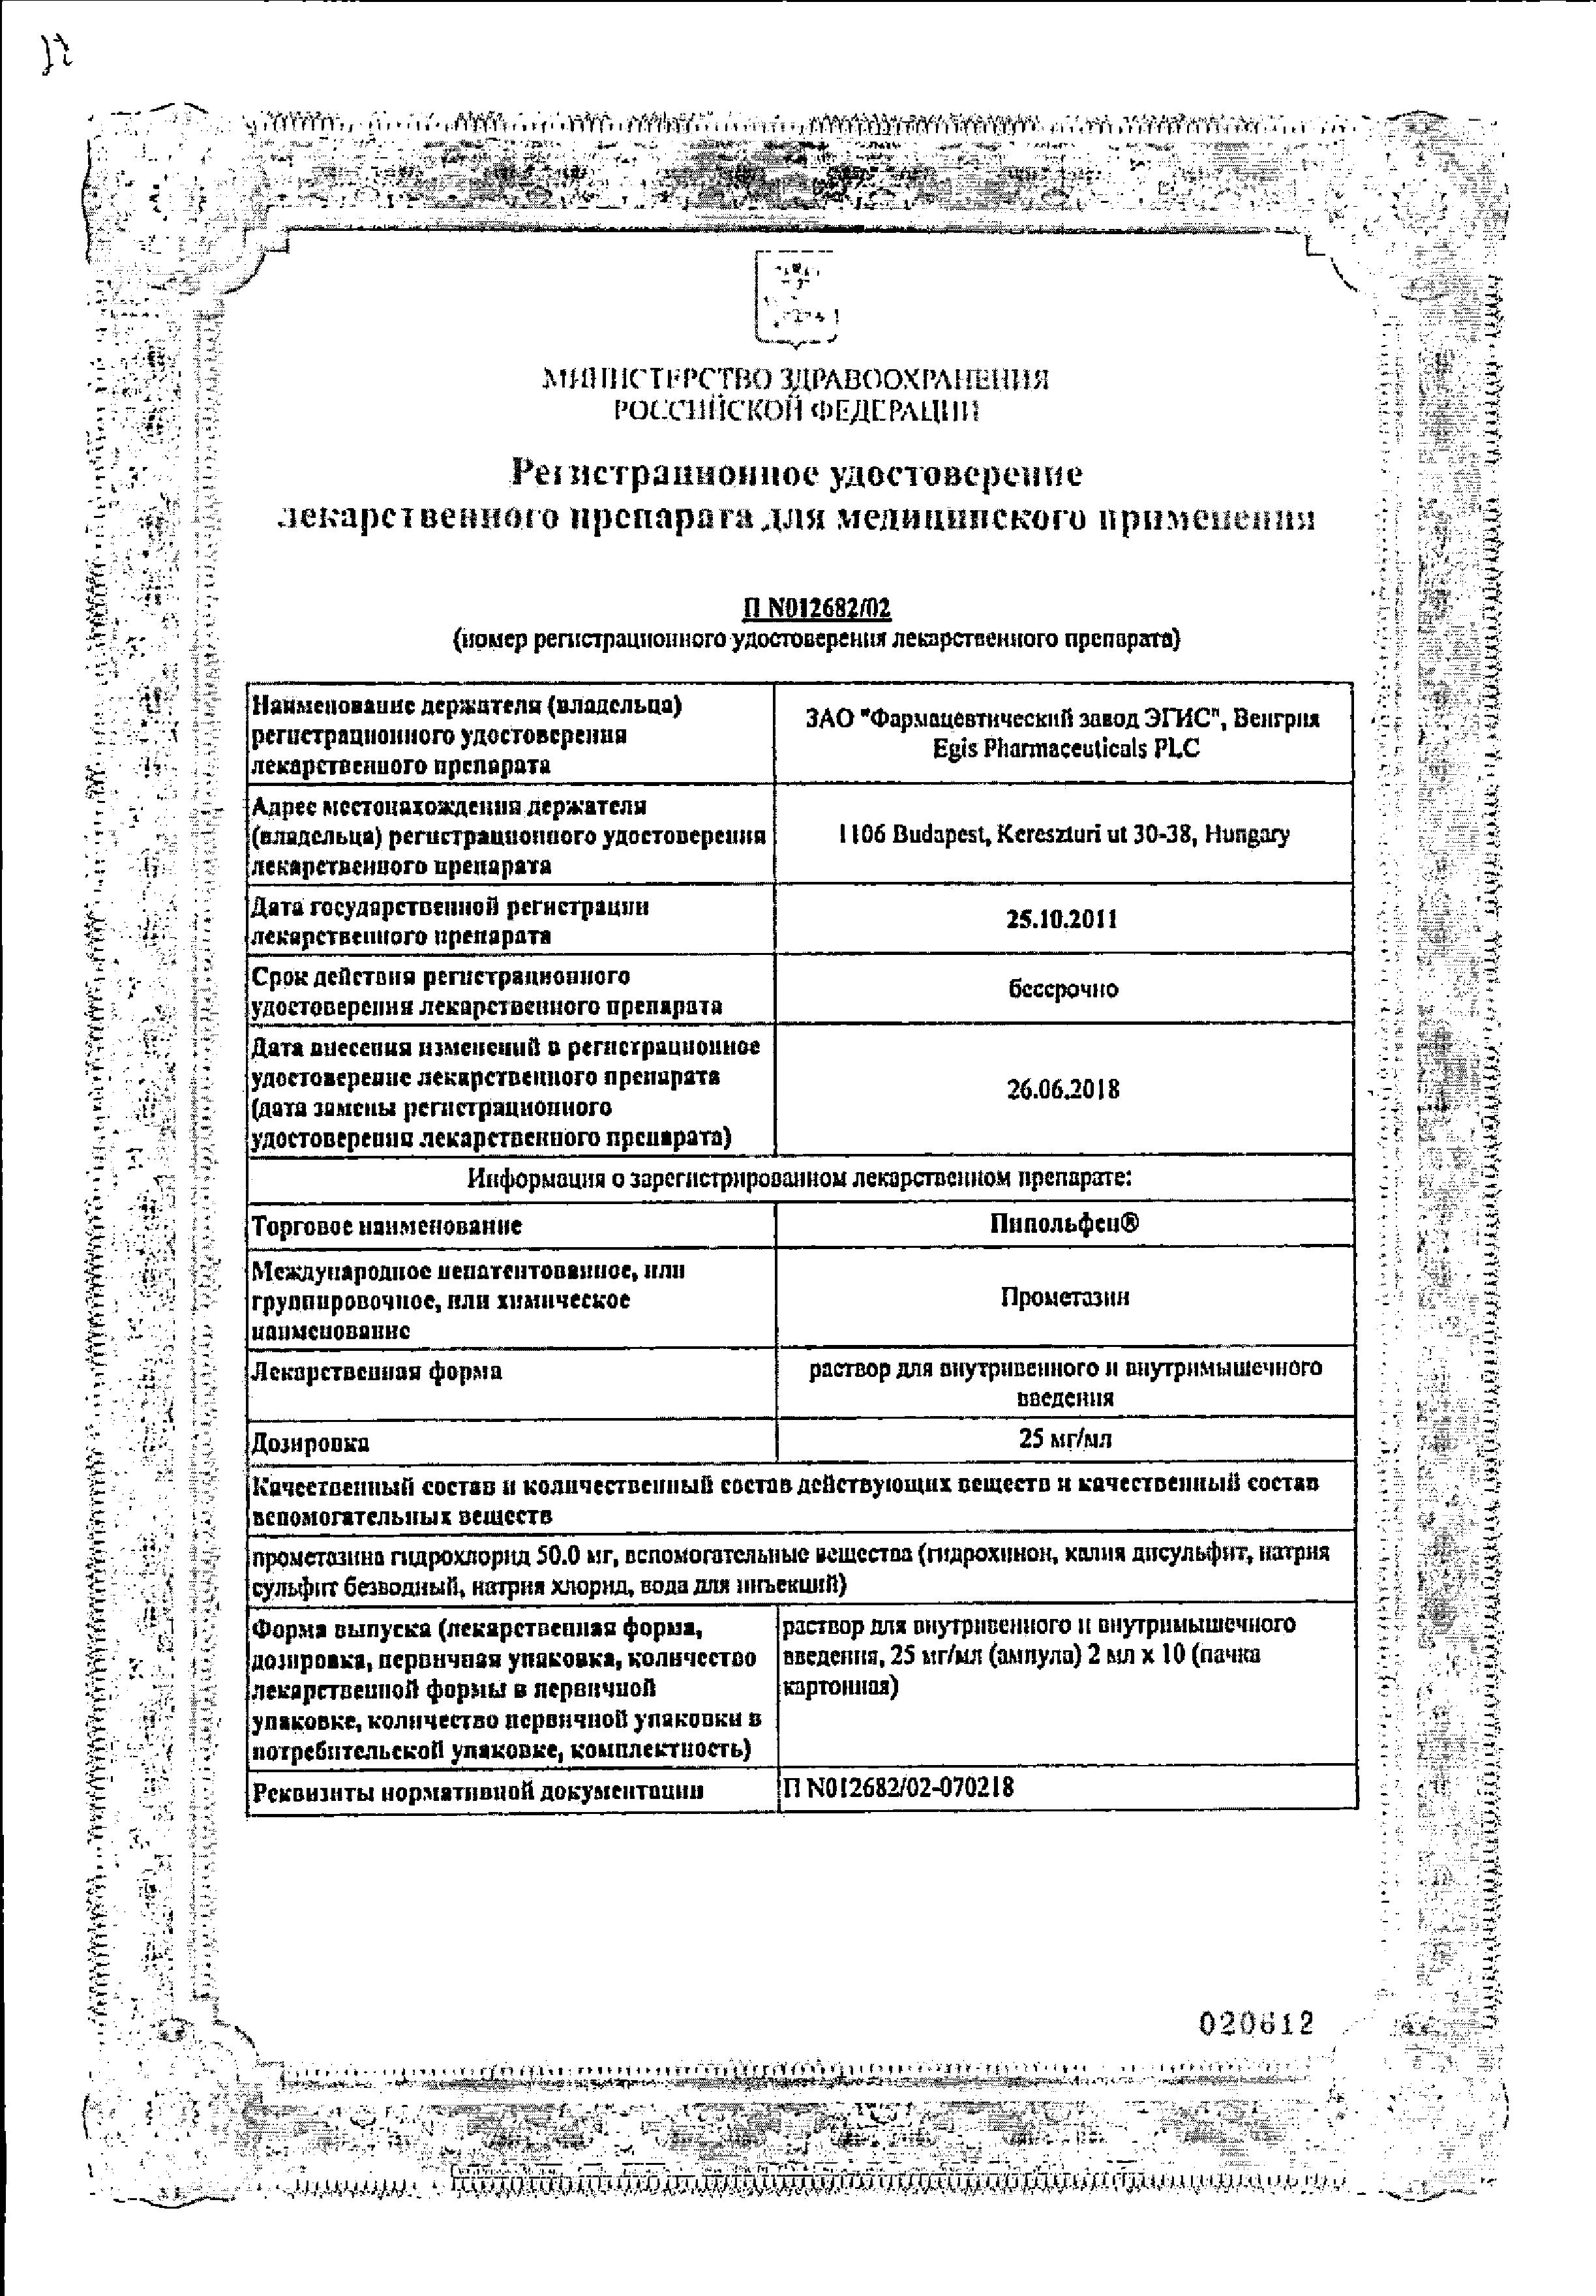 Пипольфен сертификат